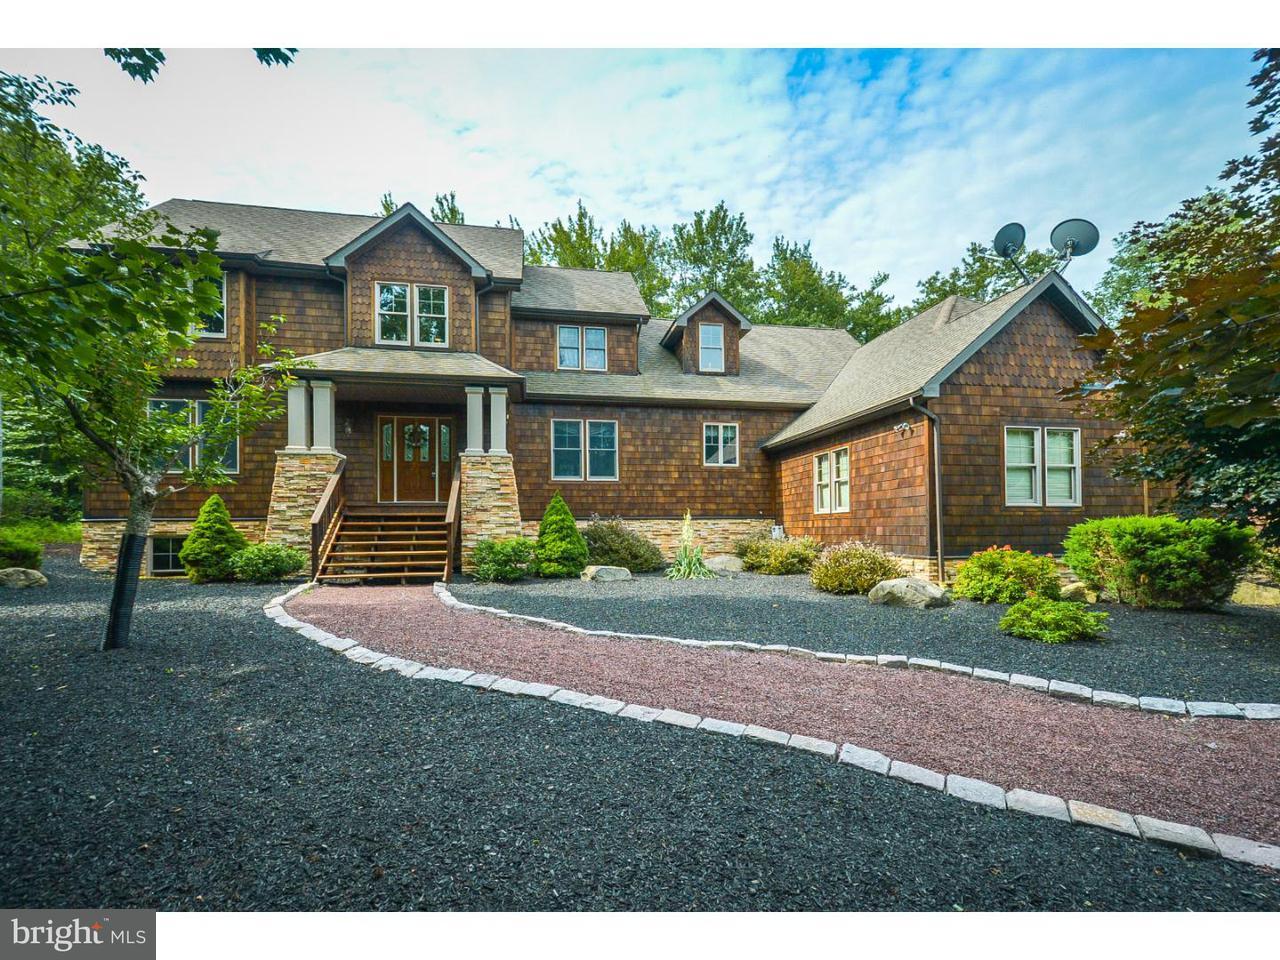 独户住宅 为 销售 在 48 WATAWGA WAY W Gouldsboro, 宾夕法尼亚州 18424 美国